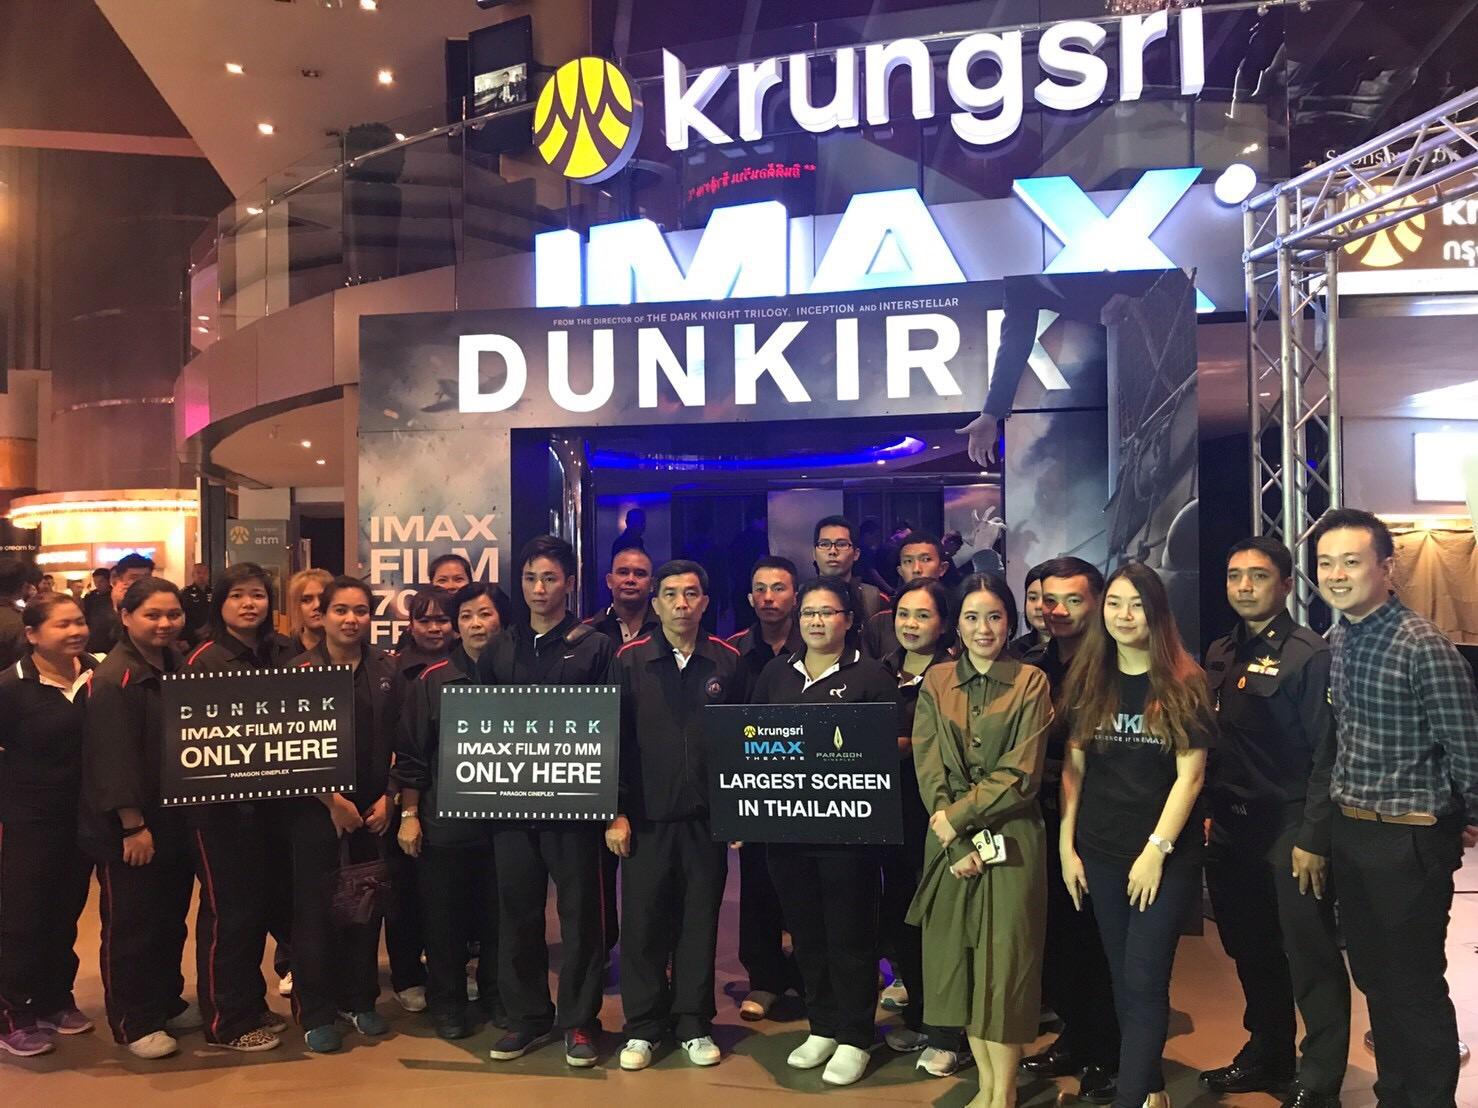 ผู้พันเบิร์ด นำทีมเหล่าหทารบุกพารากอนร่วมชมภาพยนตร์ Dunkirk - ดันเคิร์ก